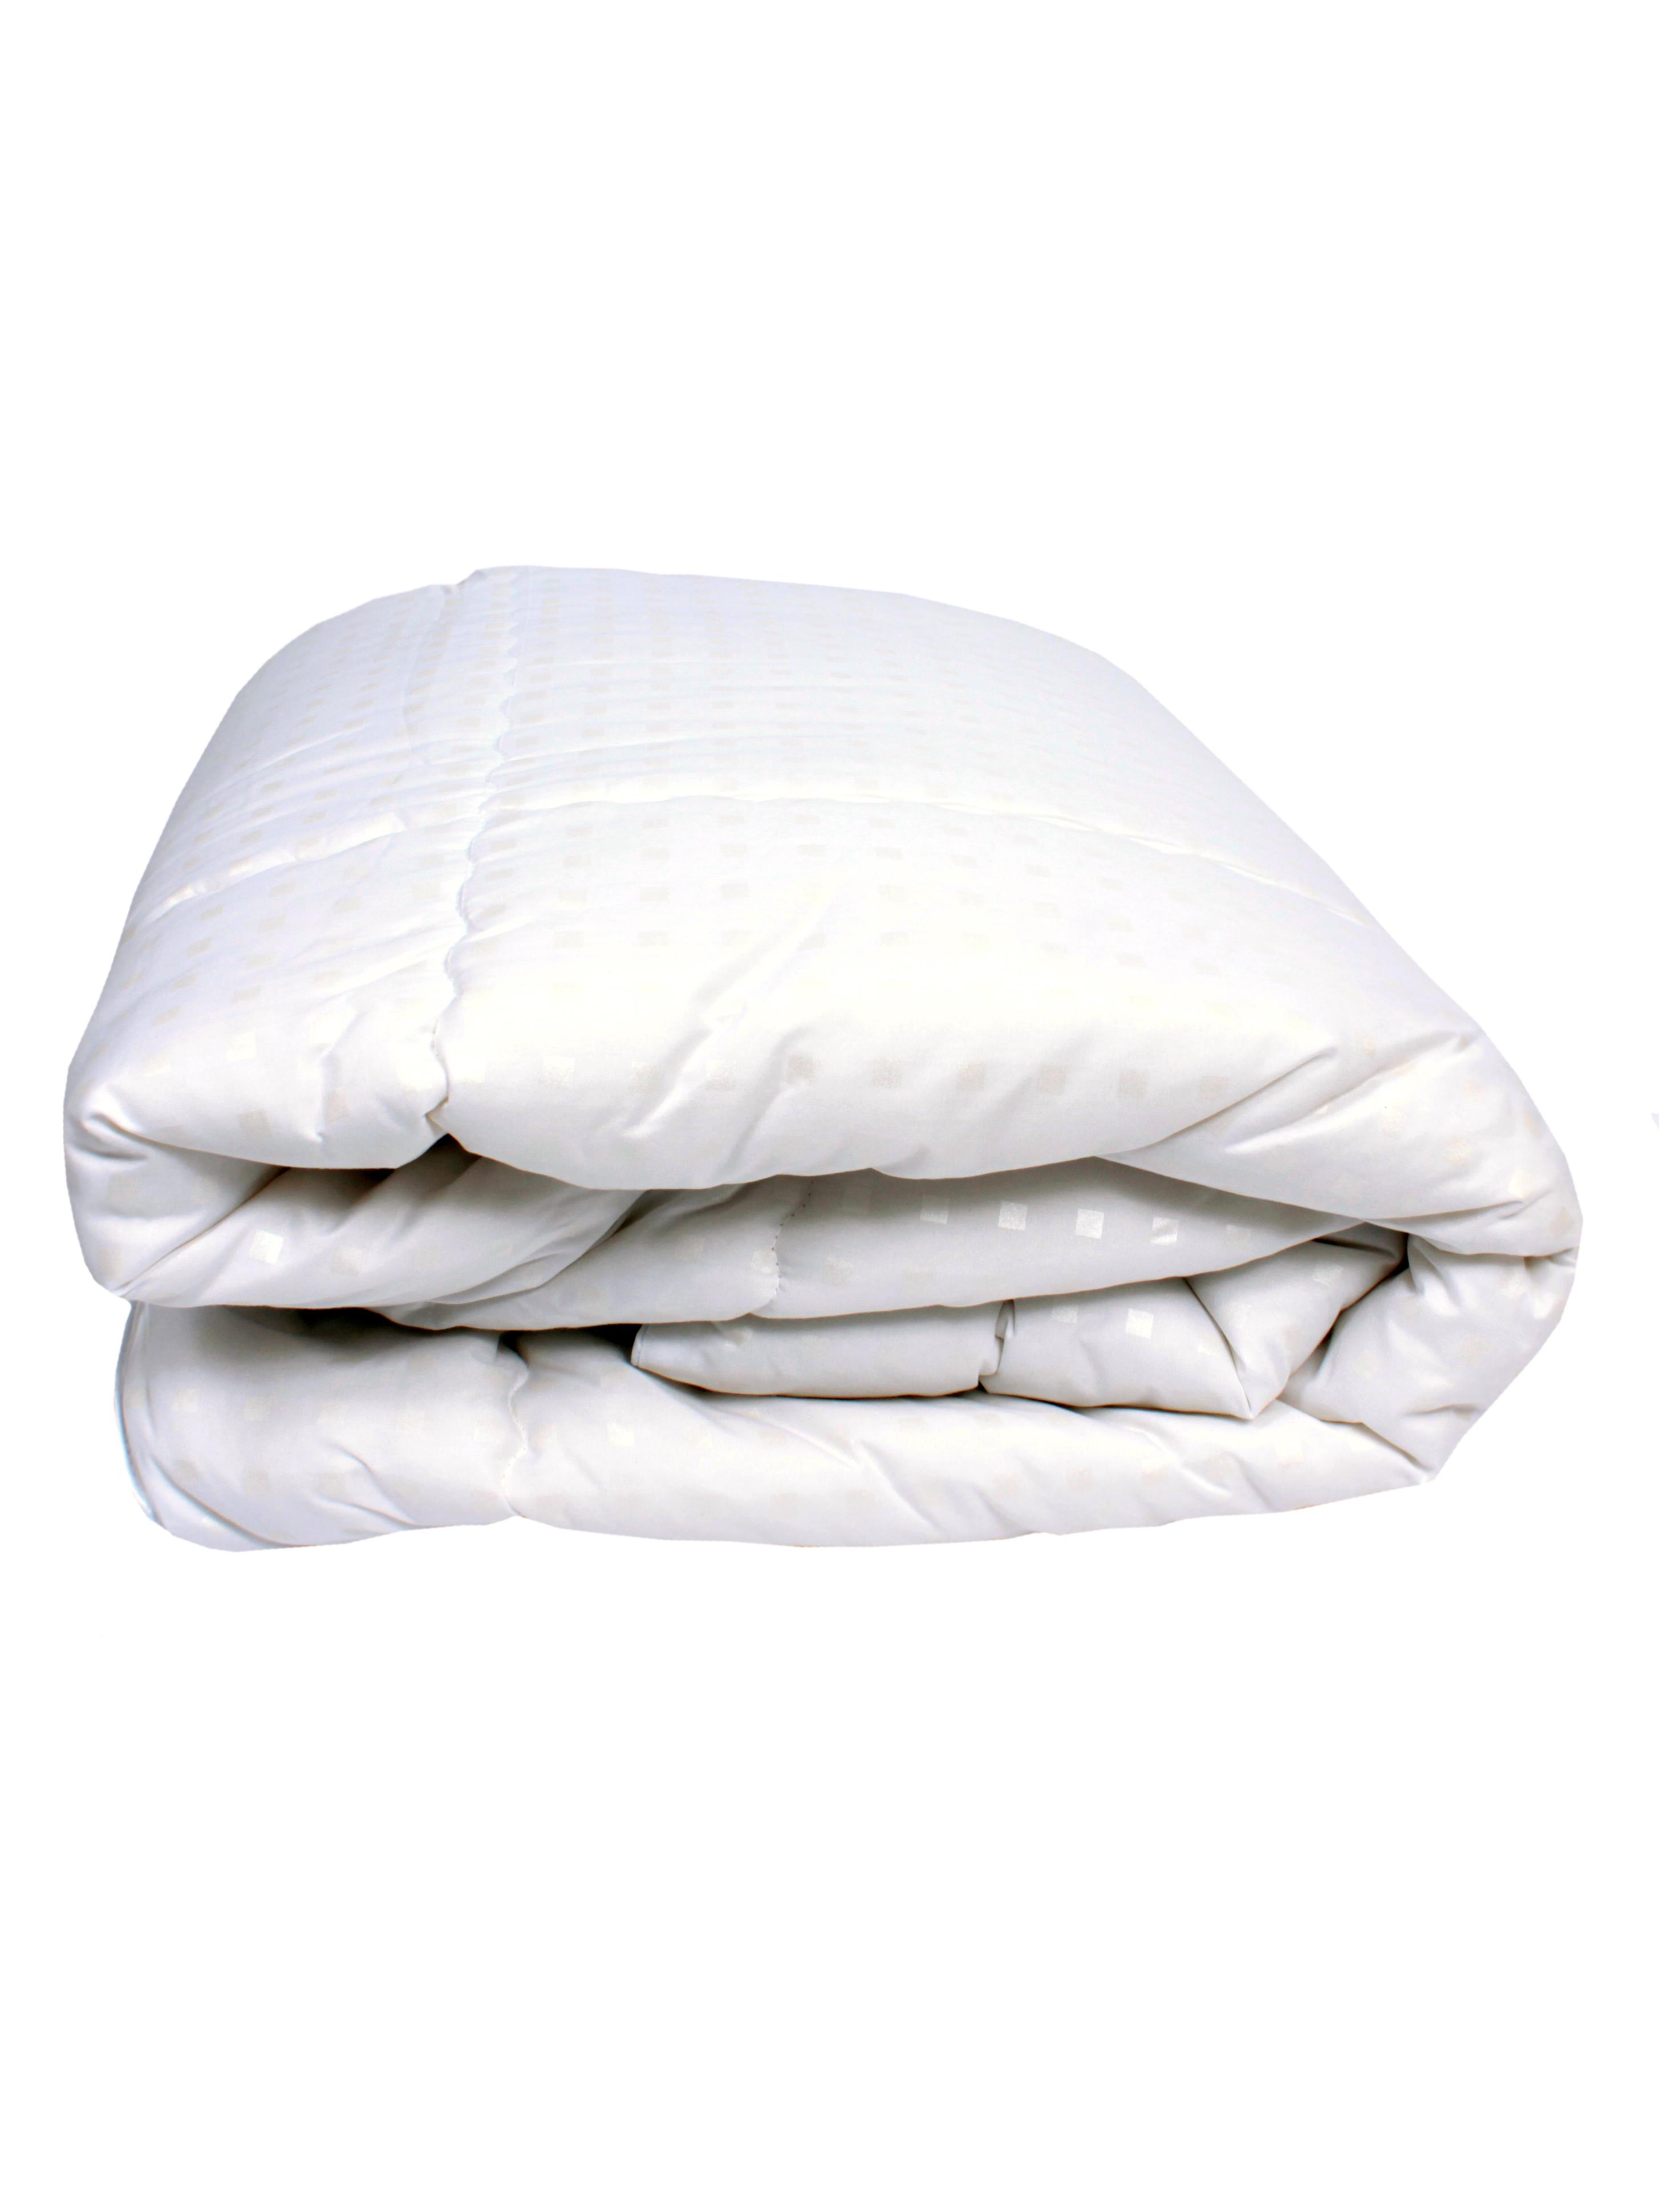 Одеяло всесезонное SLEEP DELIVERY Евро из искусственного